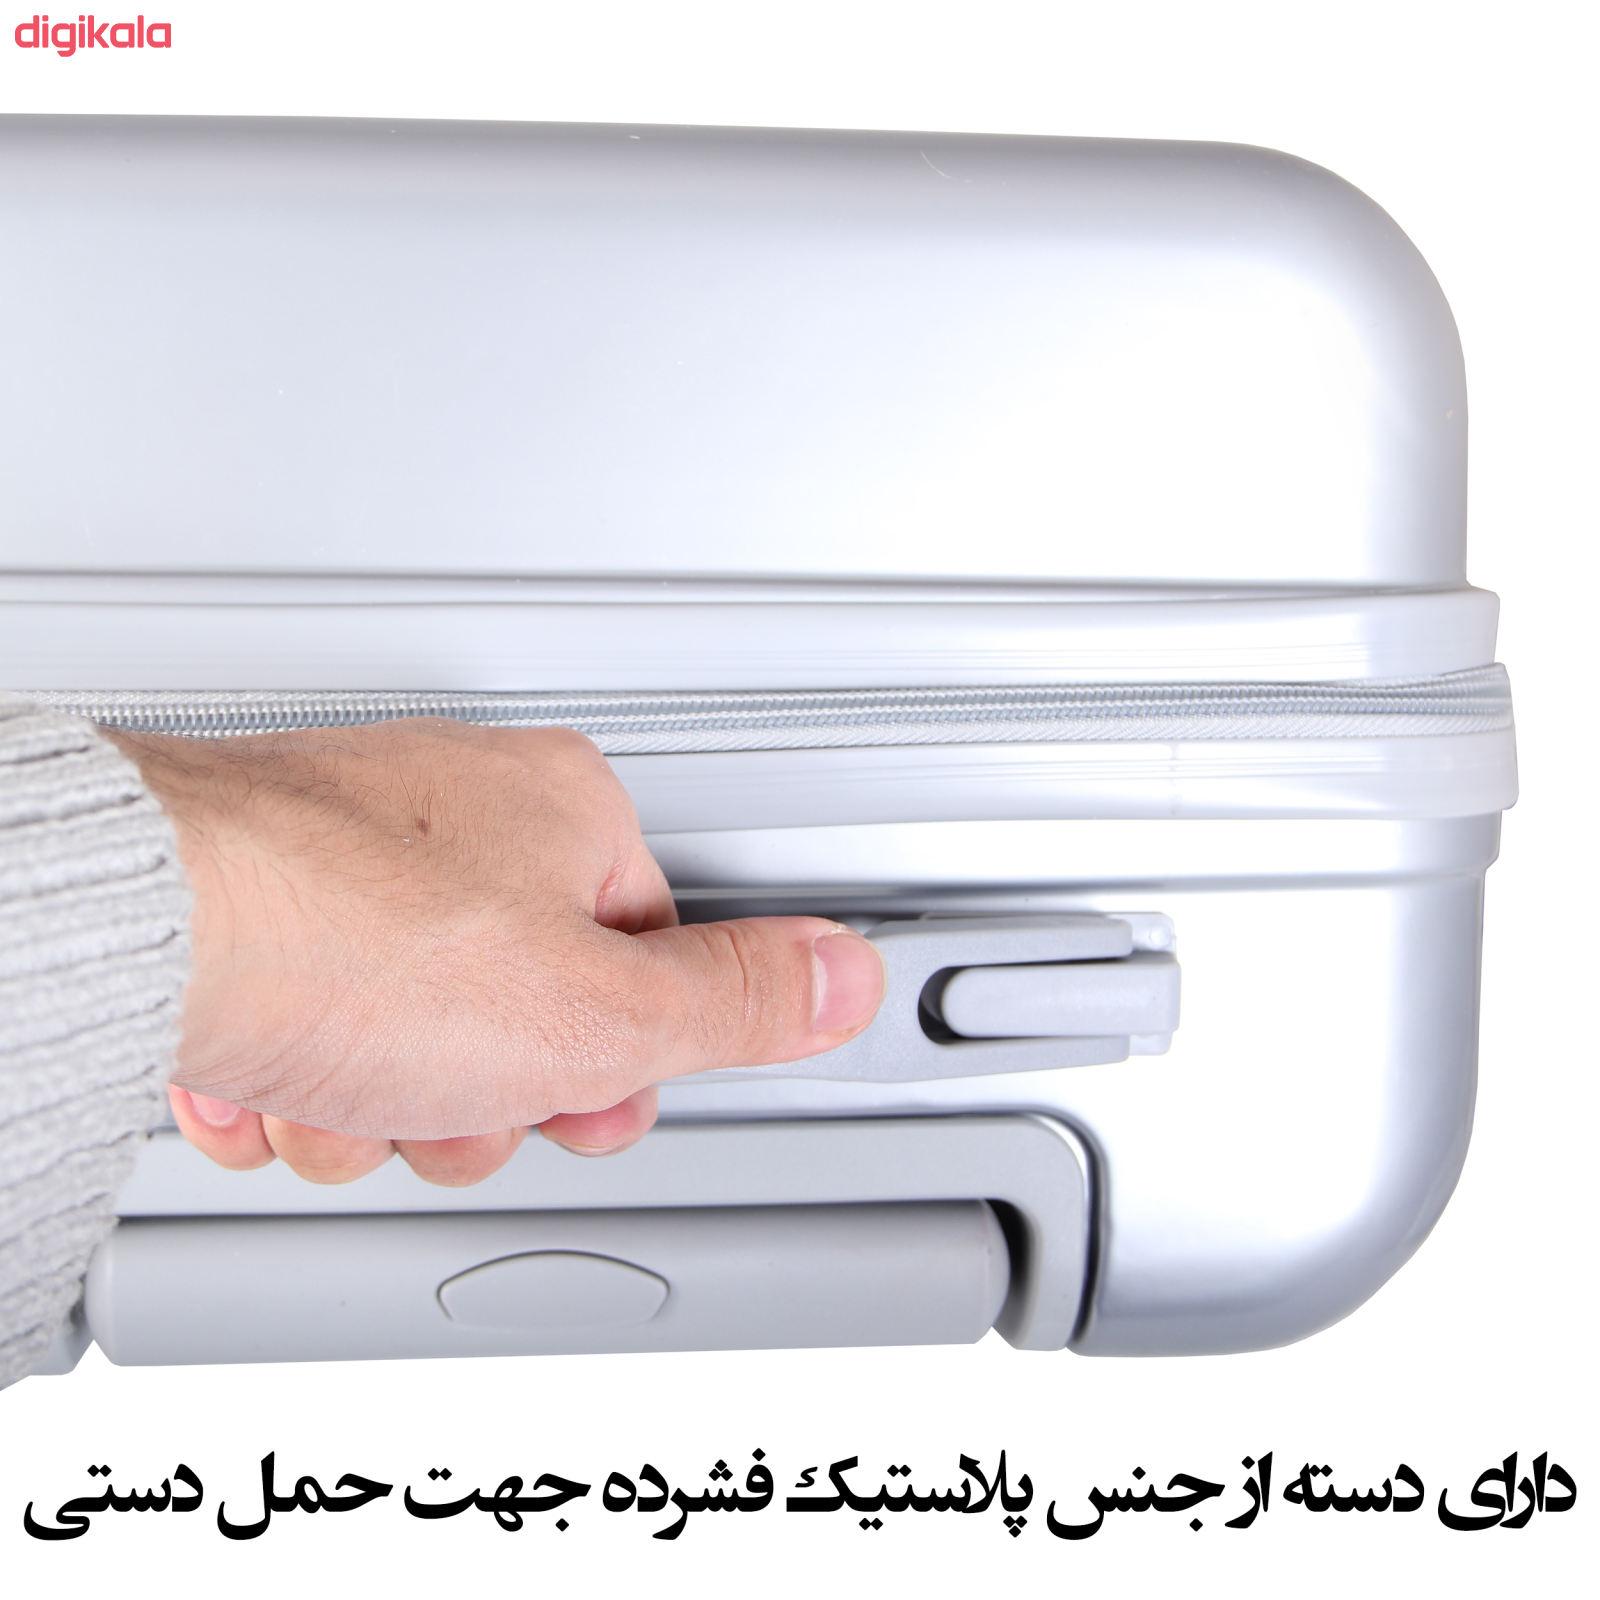 مجموعه سه عددی چمدان مدل 10021 main 1 10